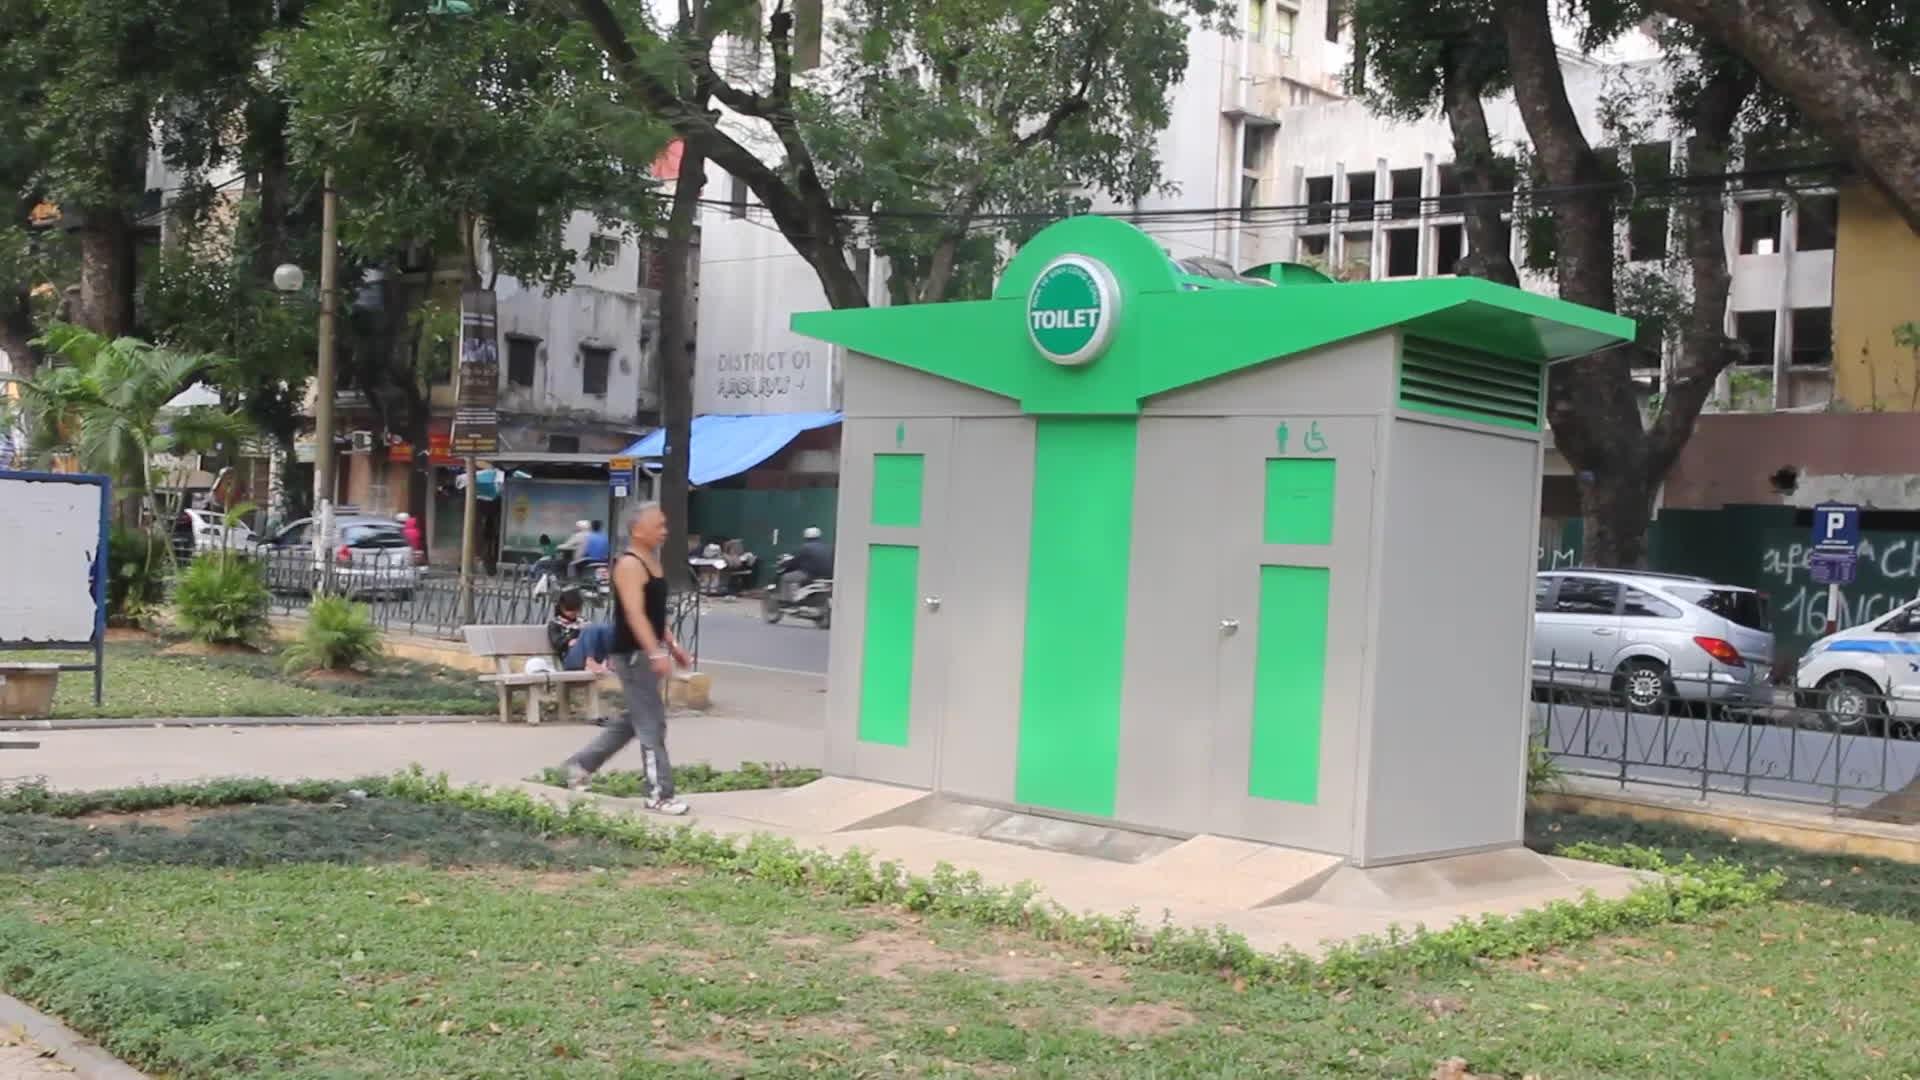 Nhà vệ sinh công cộng xây xong khóa cửa, người dân phóng uế ngay bên cạnh